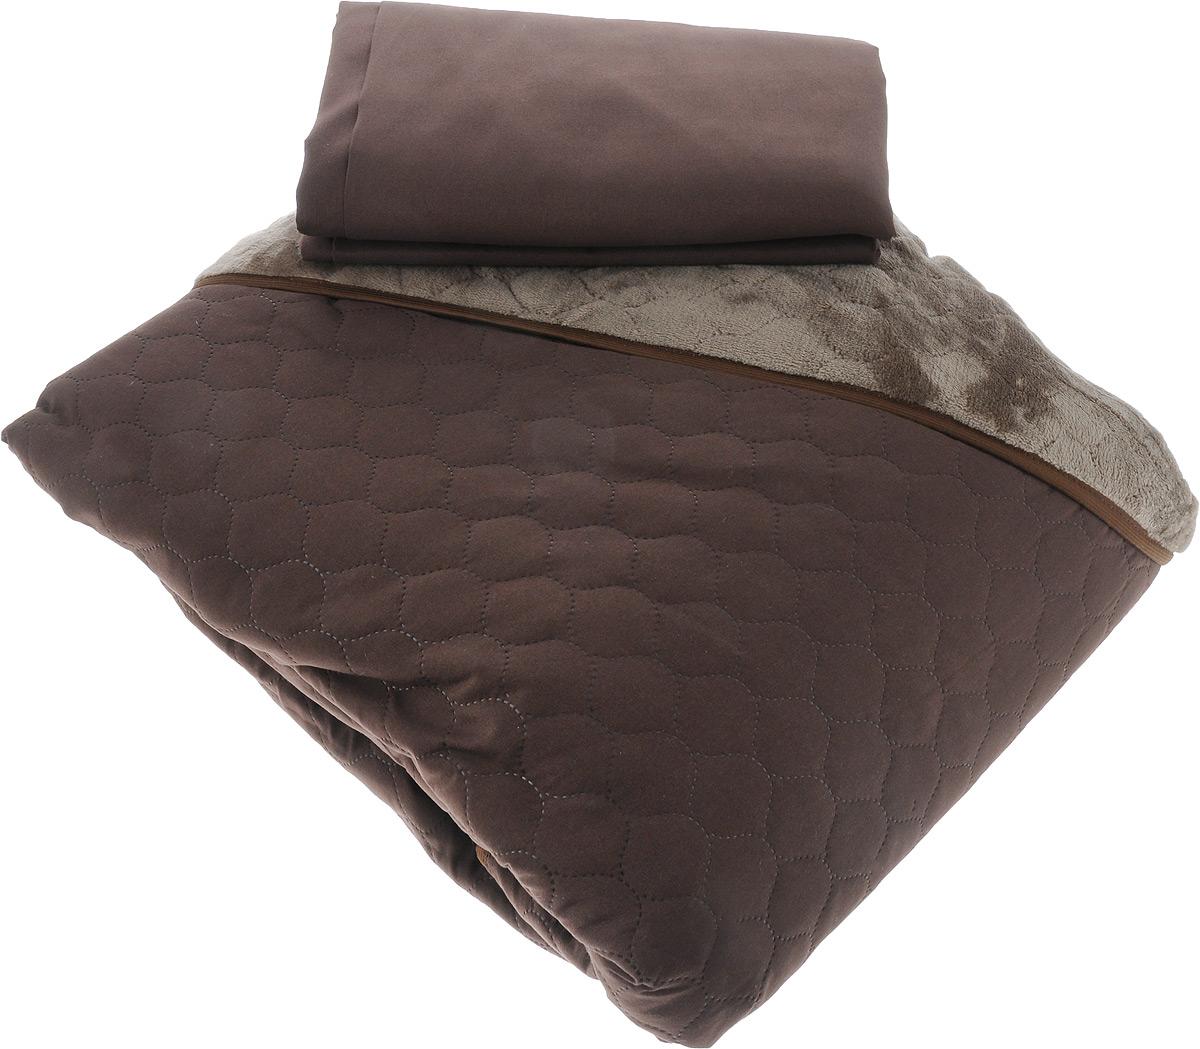 Комплект для спальни Sleep iX Multi Set: покрывало 220 х 240 см, простыня 230 х 240 см, 2 наволочки 50 х 70 см, цвет: темно-коричневый, серыйpva221575Комплект для спальни Sleep iX Multi Set состоит из покрывала, простыни и 2 наволочек. Верх многофункционального одеяла-покрывала выполнен из мягкой высокотехнологичной ткани, которая хорошо сохраняет тепло, устойчива к стирке и износу, а низ выполнен из нежного искусственного меха. Такой мех не требует специального ухода, он легко чистится и долгое время сохраняет мягкость и внешний вид. Наволочки и простыня выполнены из микрофибры.Комплект для спальни Sleep iX Multi Set - отличный способ придать спальне уют и привнести в интерьер что-то новое. Размер покрывала: 220 х 240 см. Размер наволочки: 50 х 70 см. Размер простыни: 230 х 240 см.Комплект упакован в сумку-чехол на застежке-молнии.